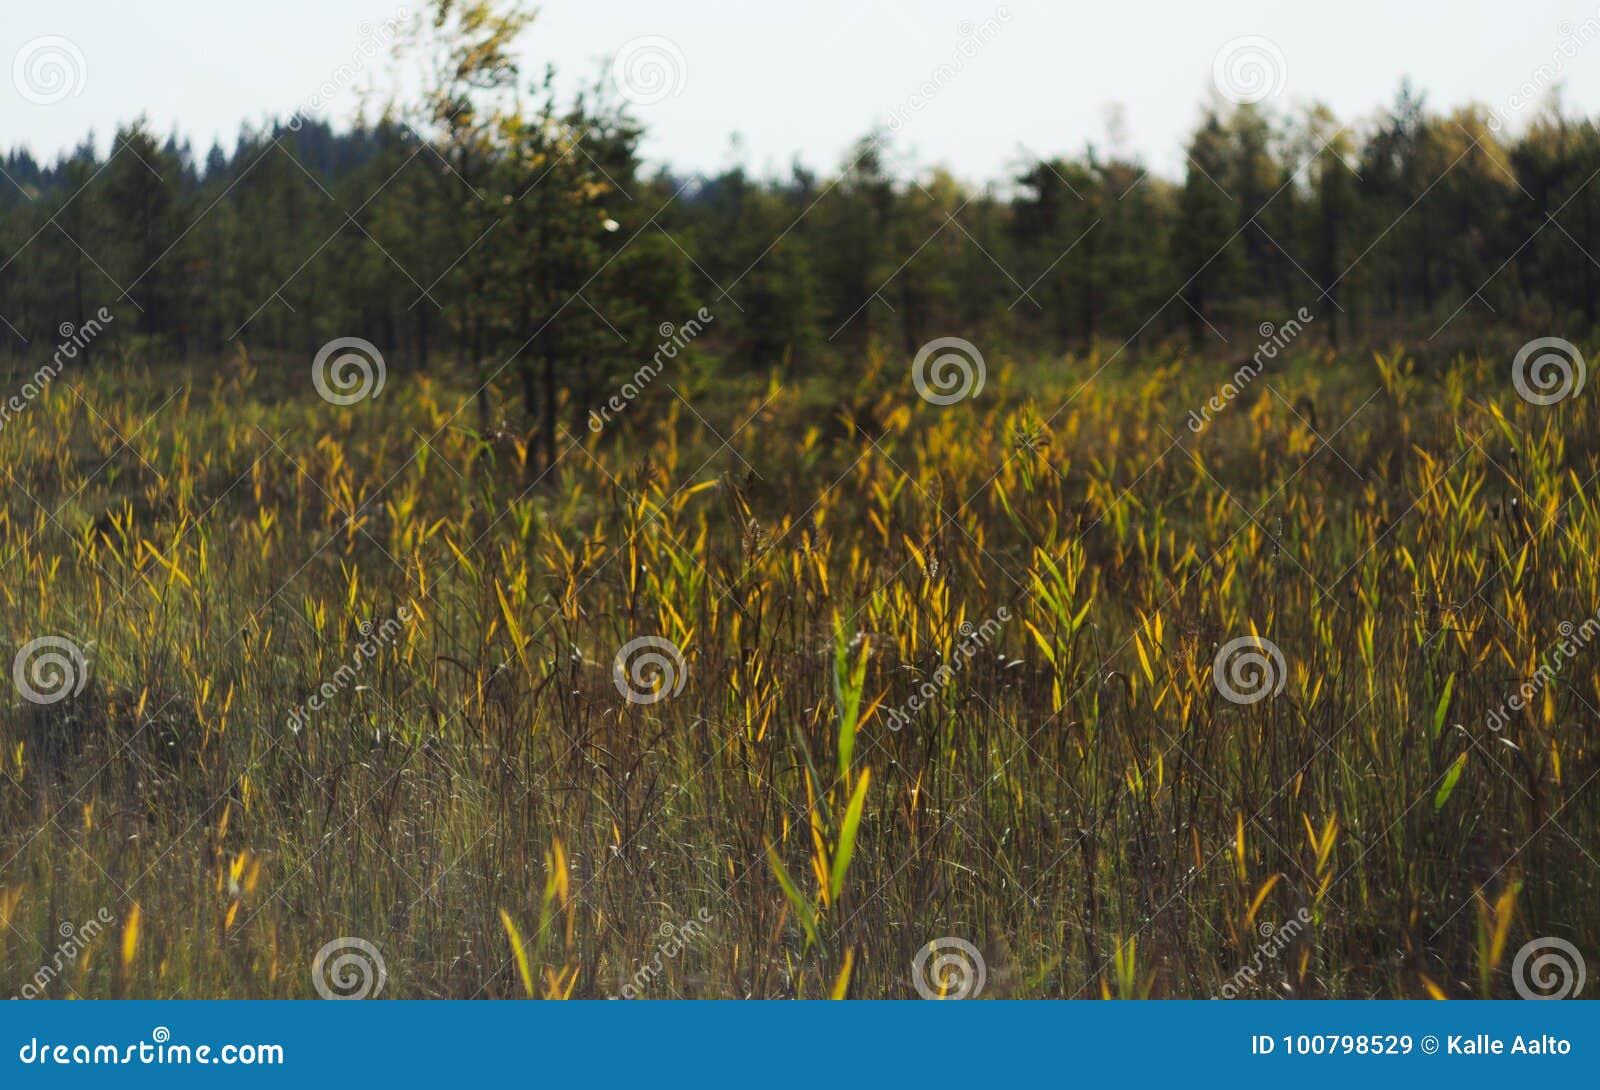 Canne, erba e gatto-code alte di una palude invasa